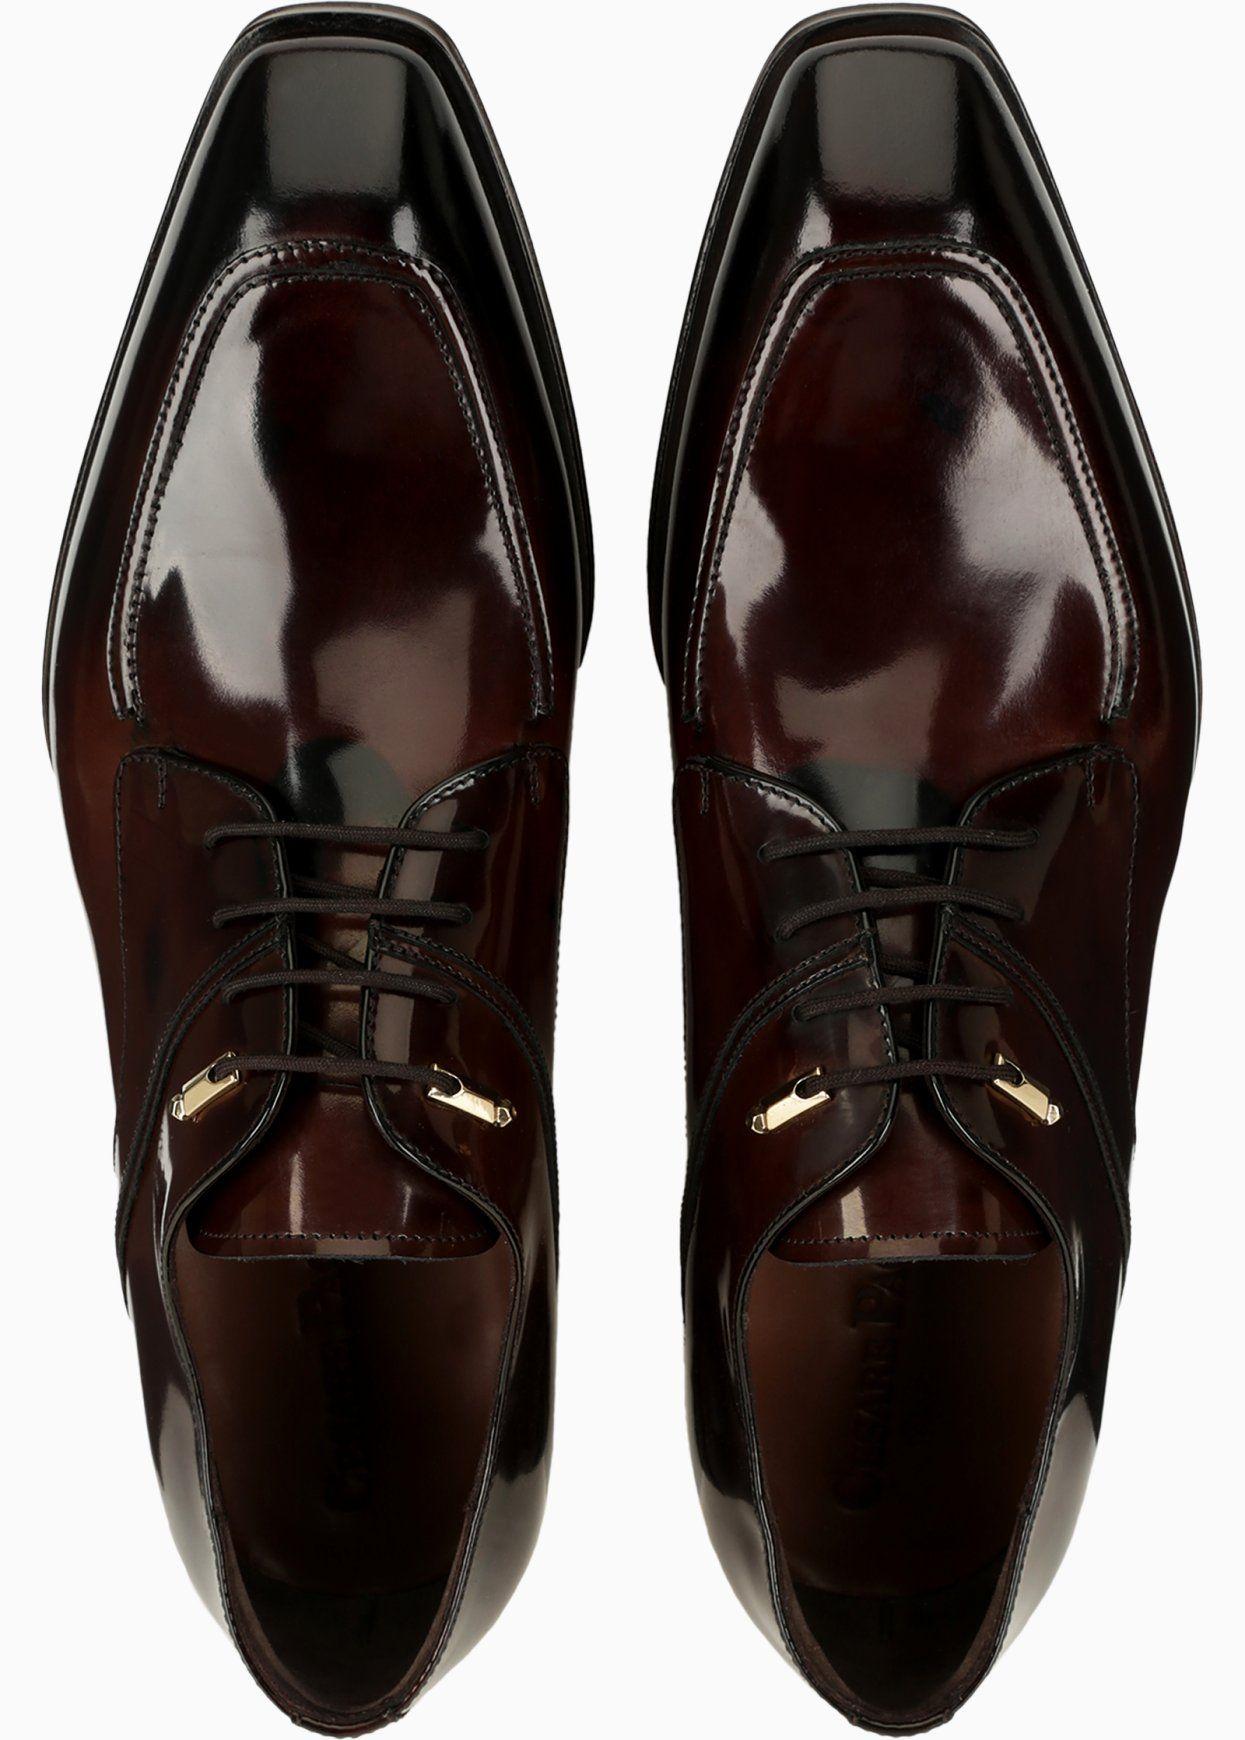 férfi alkalmi cipő divat 2015